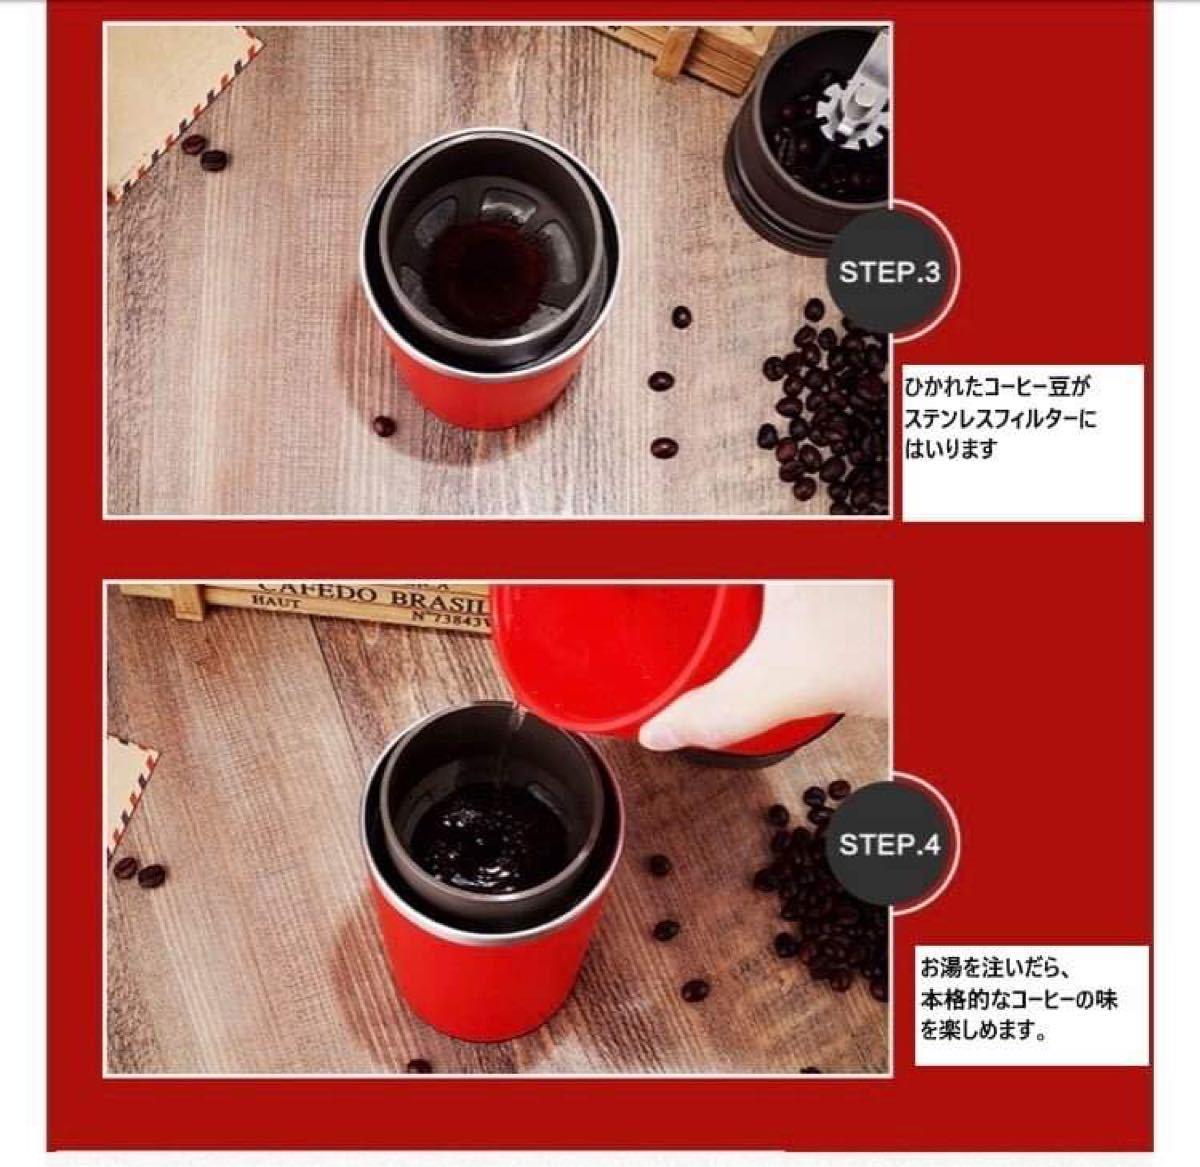 オールインワンコーヒーメーカー コーヒーミル アウトドア用品